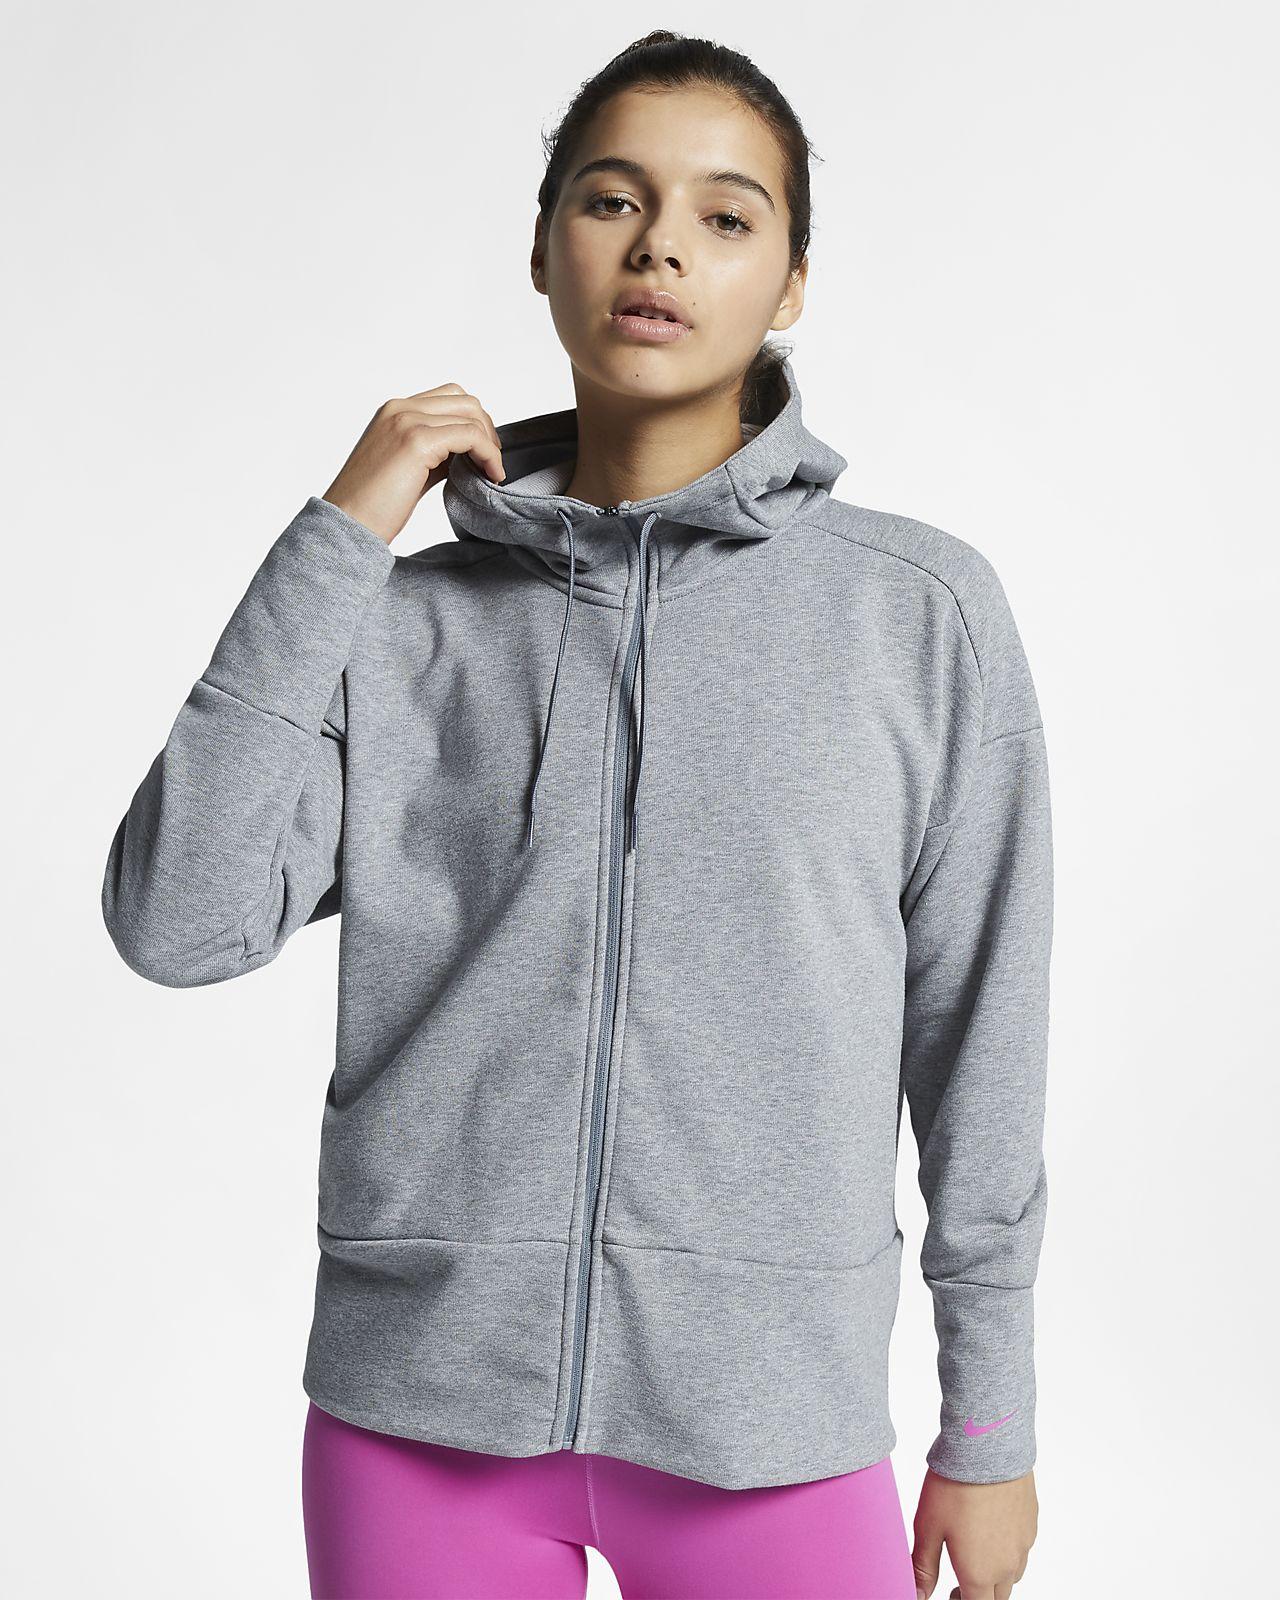 Damska bluza z kapturem i zamkiem na całej długości Nike Dri-FIT